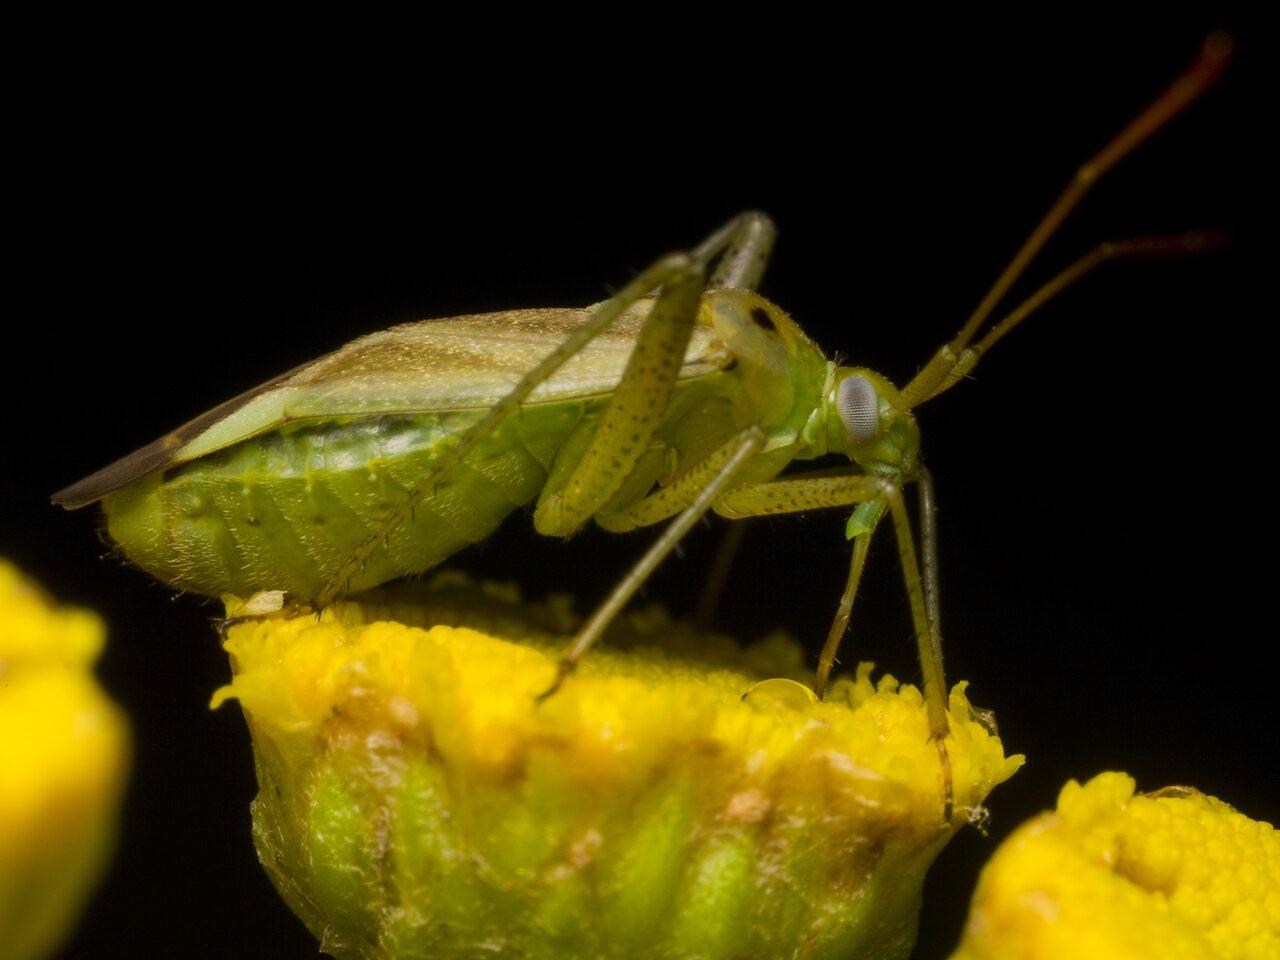 Adelphocoris-lineolatus-1144.jpg